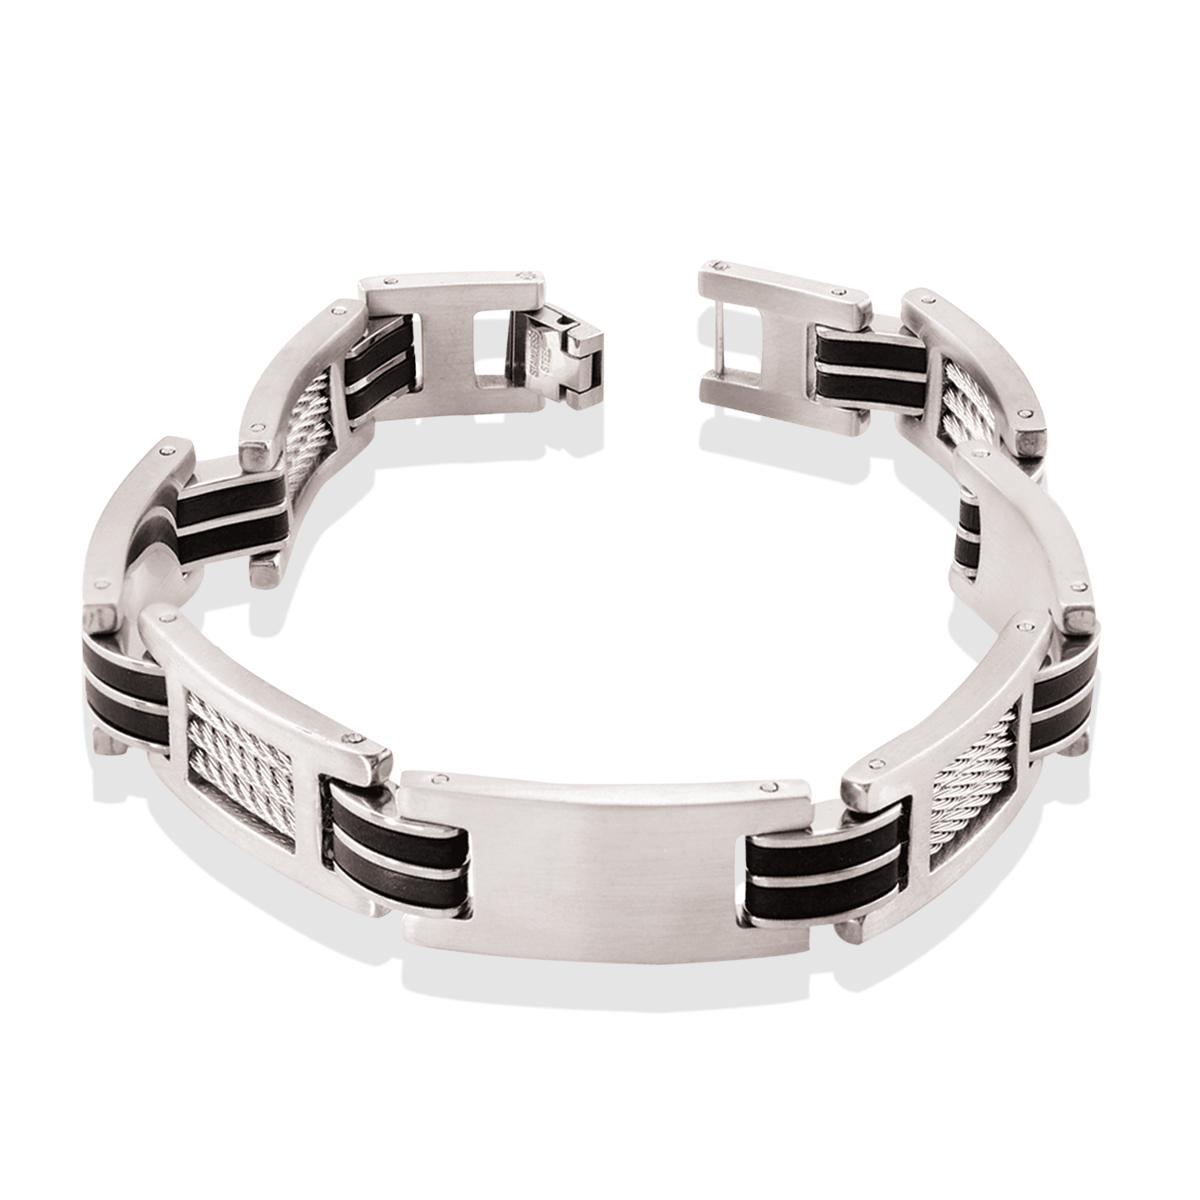 Bracelet 8.5'' - Acier inoxydable & caoutchouc et câbles